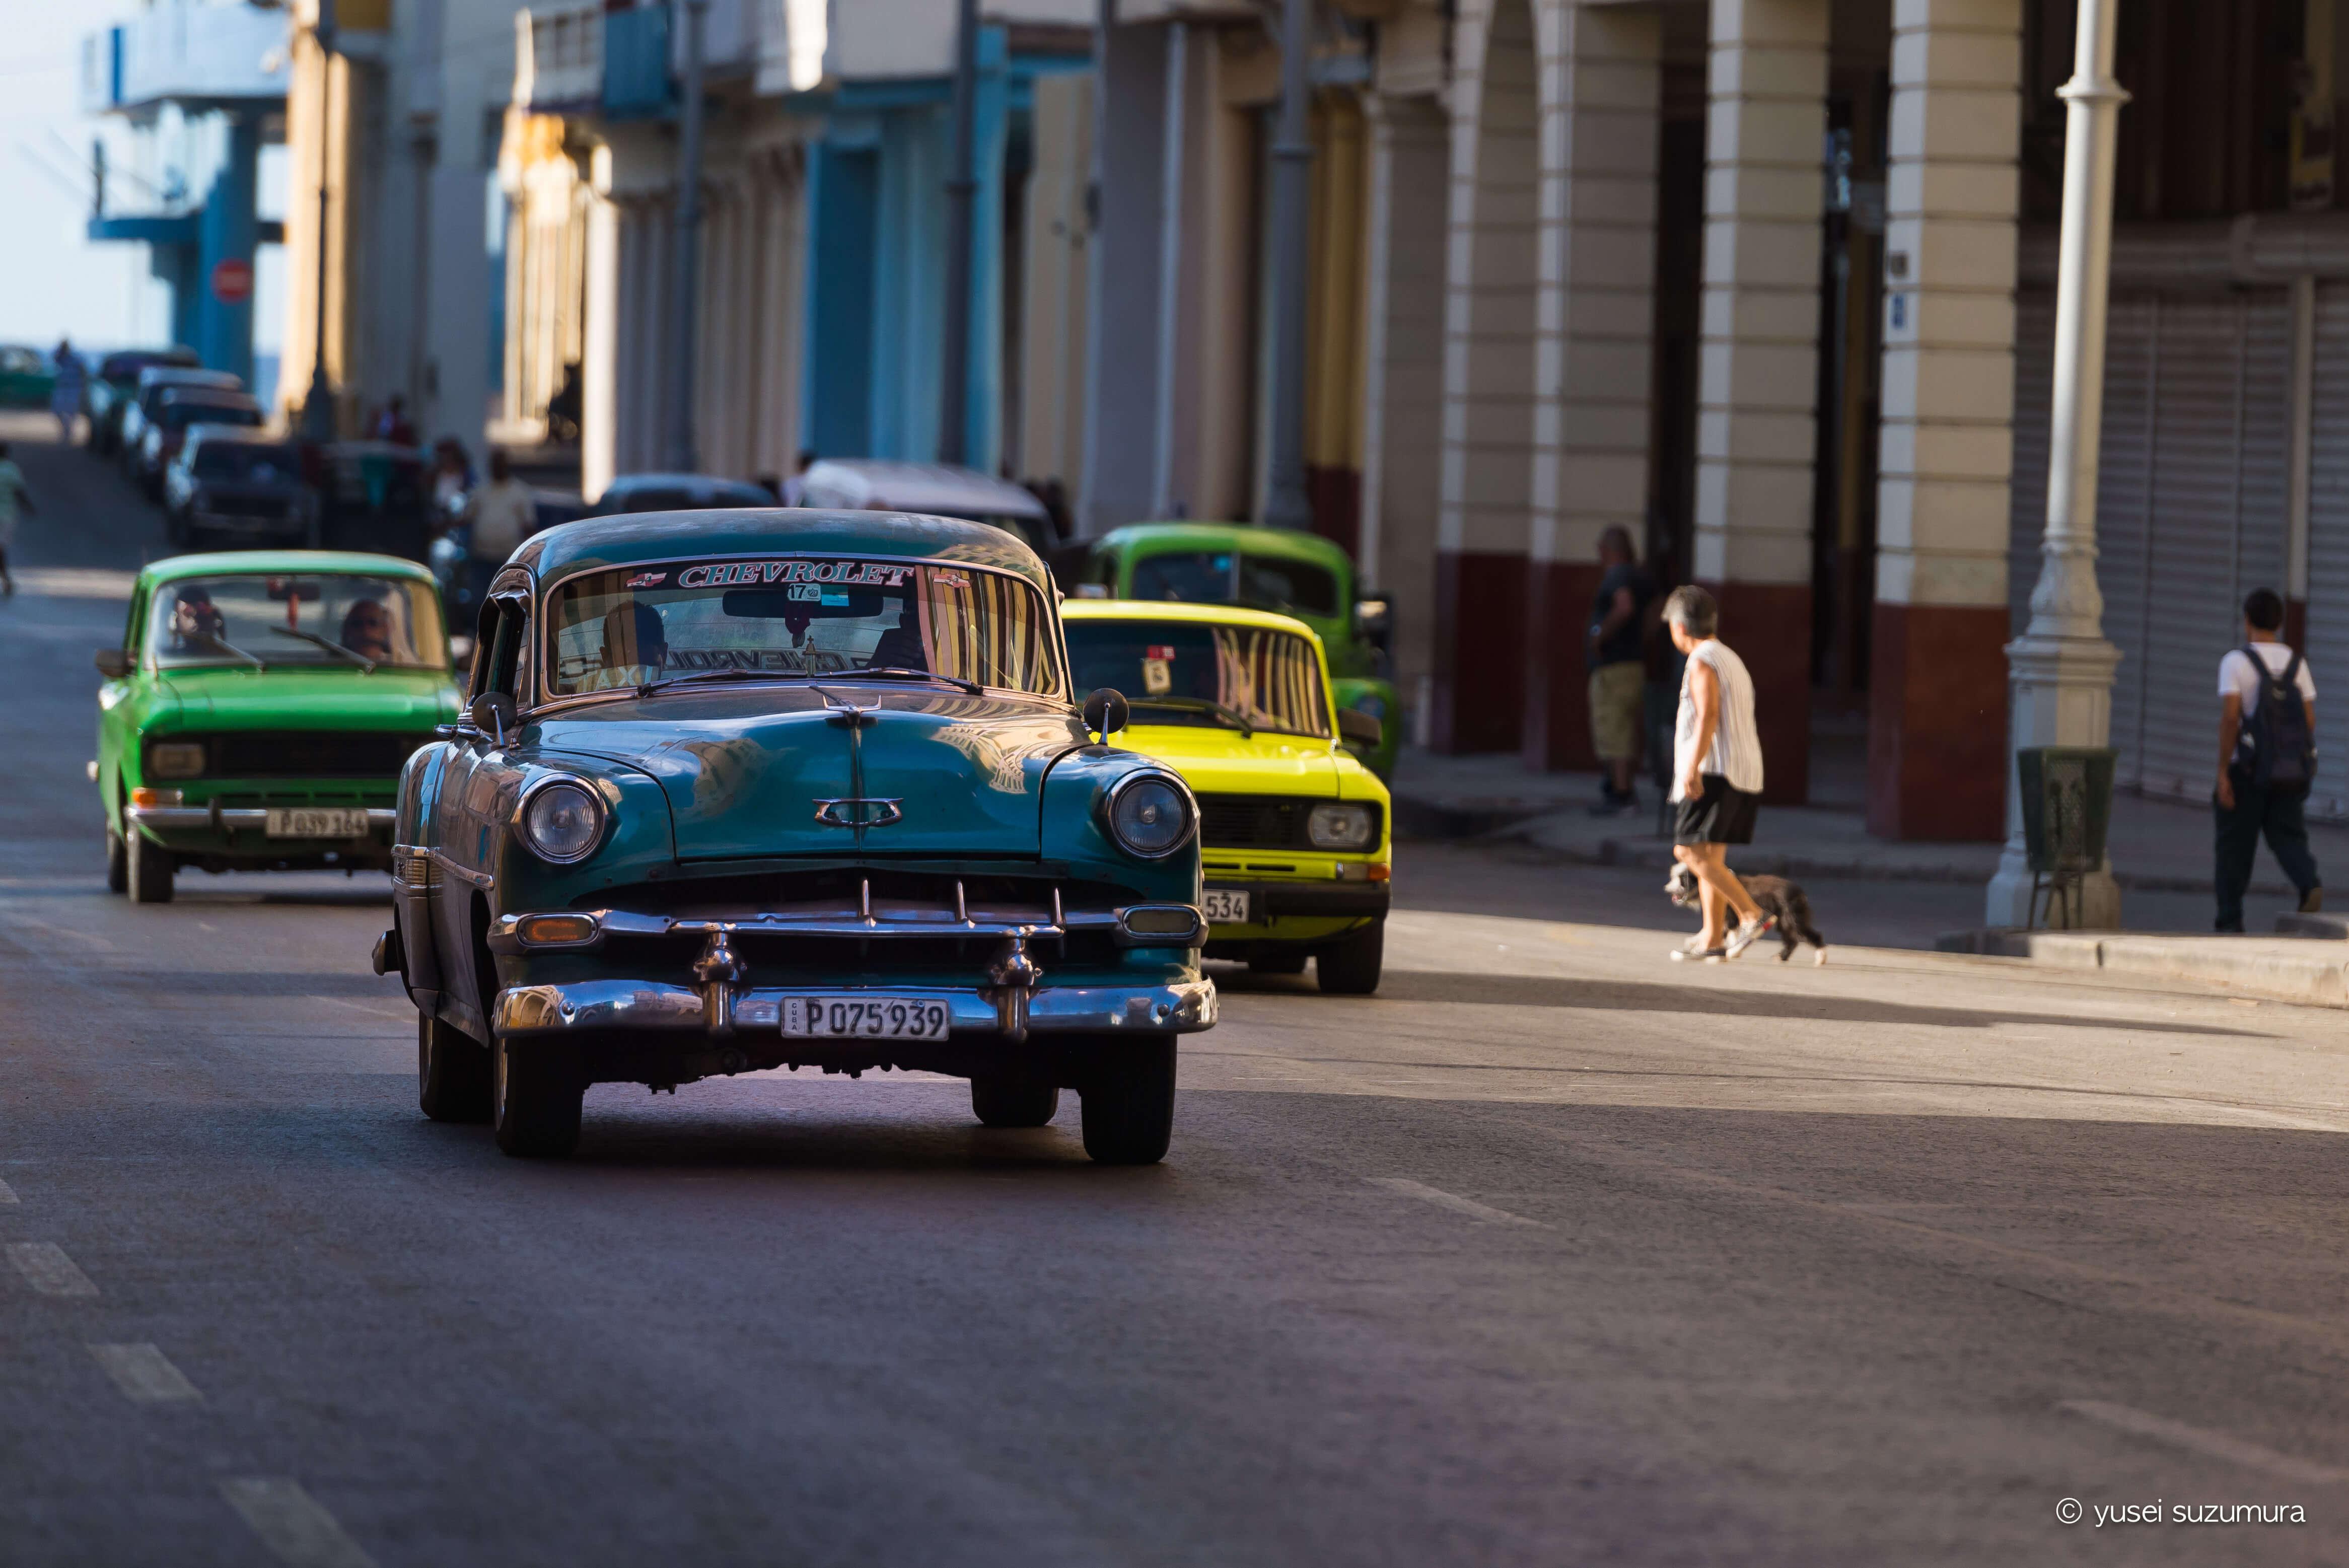 ハバナ観光。クラシックカーと渋い街並み。